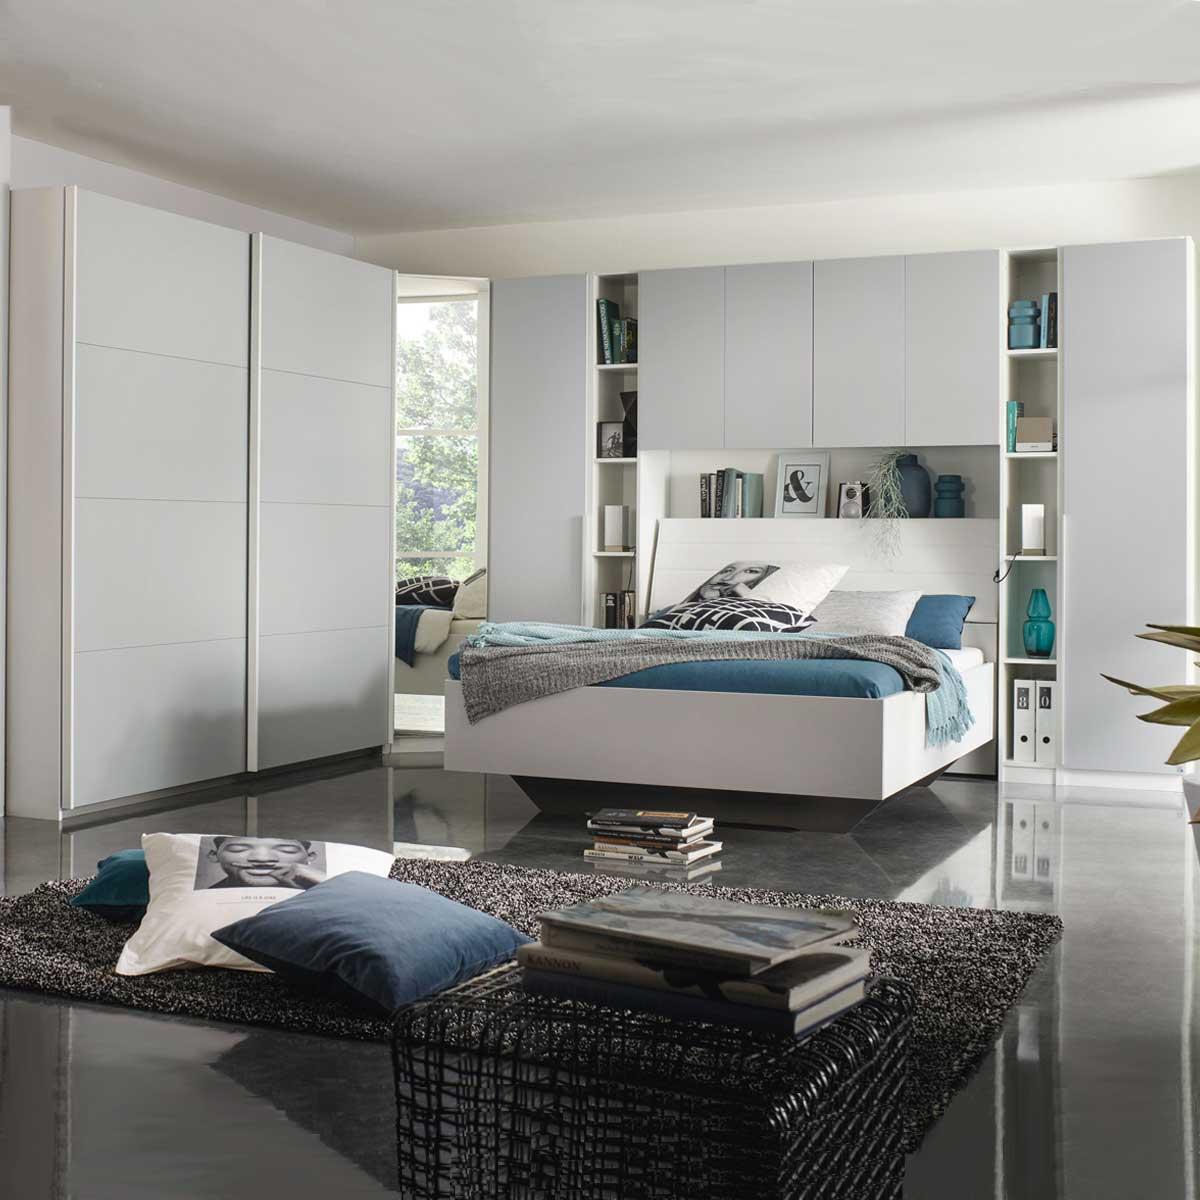 Rauch Packs Memphis Schlafzimmer bestehend aus Eckschrank-Kombination mit  Drehtüren und Schwebetüren und Bettanlage mit Bettüberbau aus Regalen und  ...